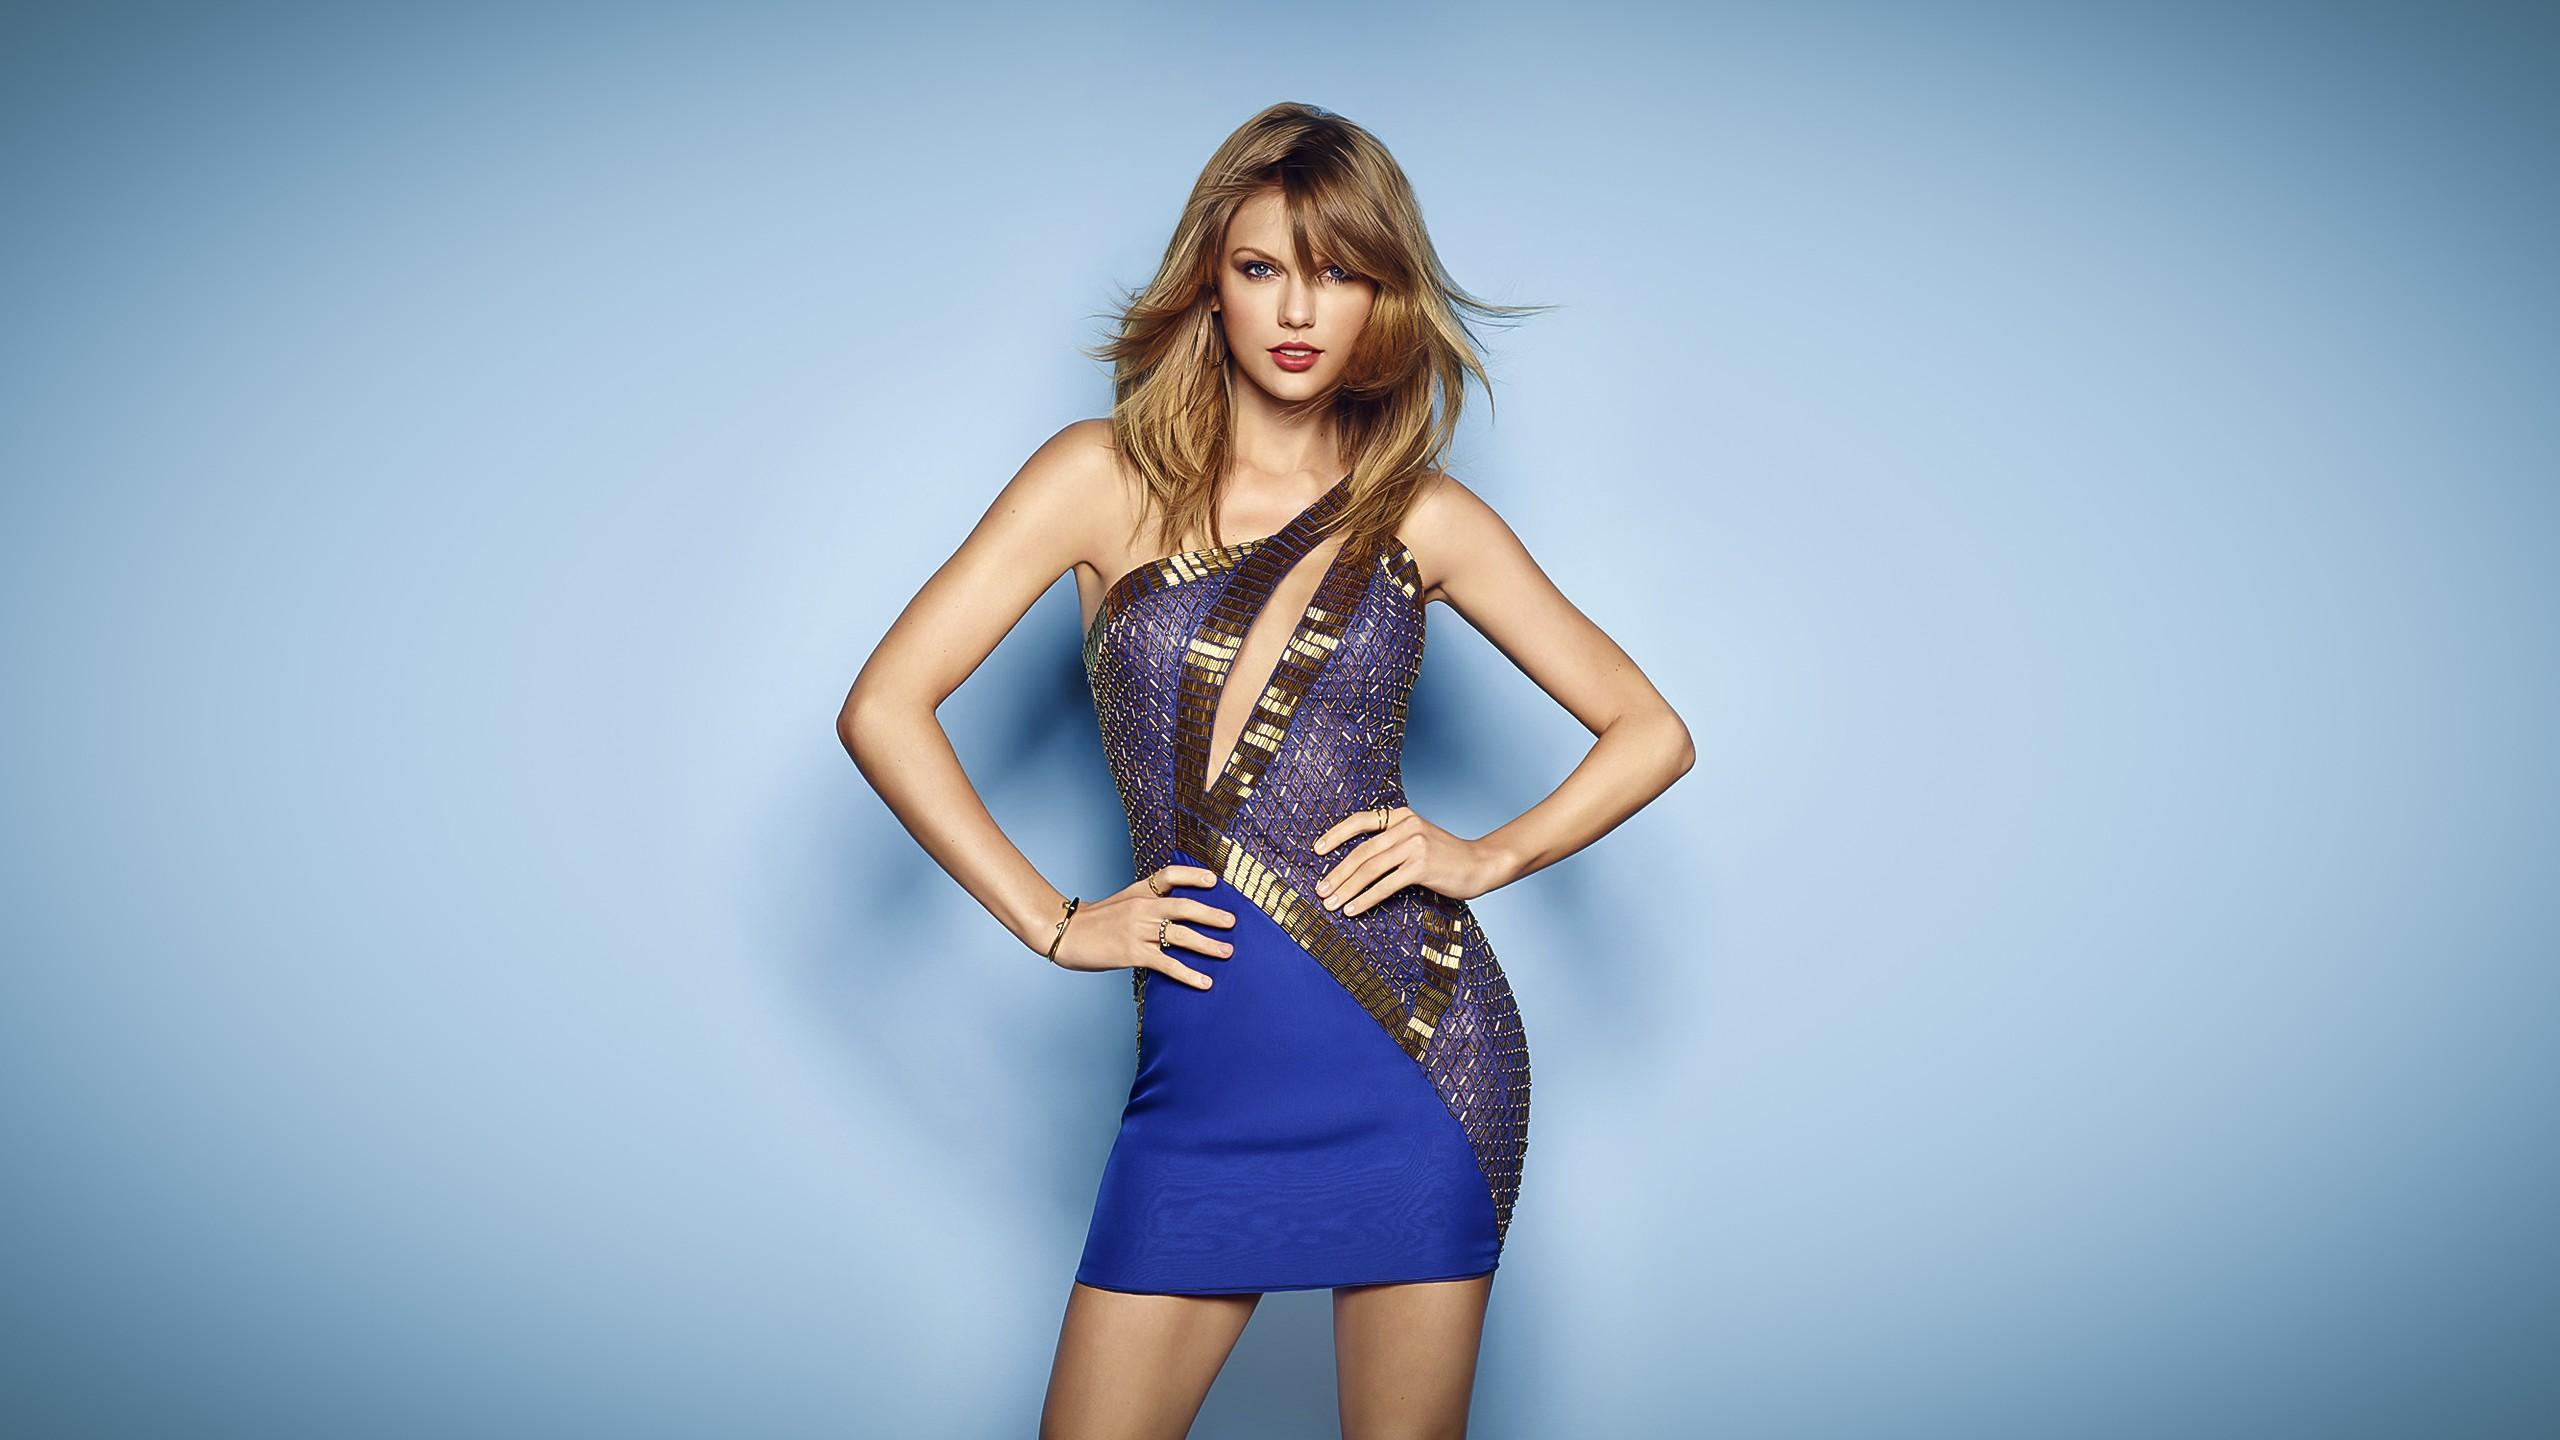 Hintergrundbilder : Frau, Modell-, Blauer hintergrund, Fotografie ...